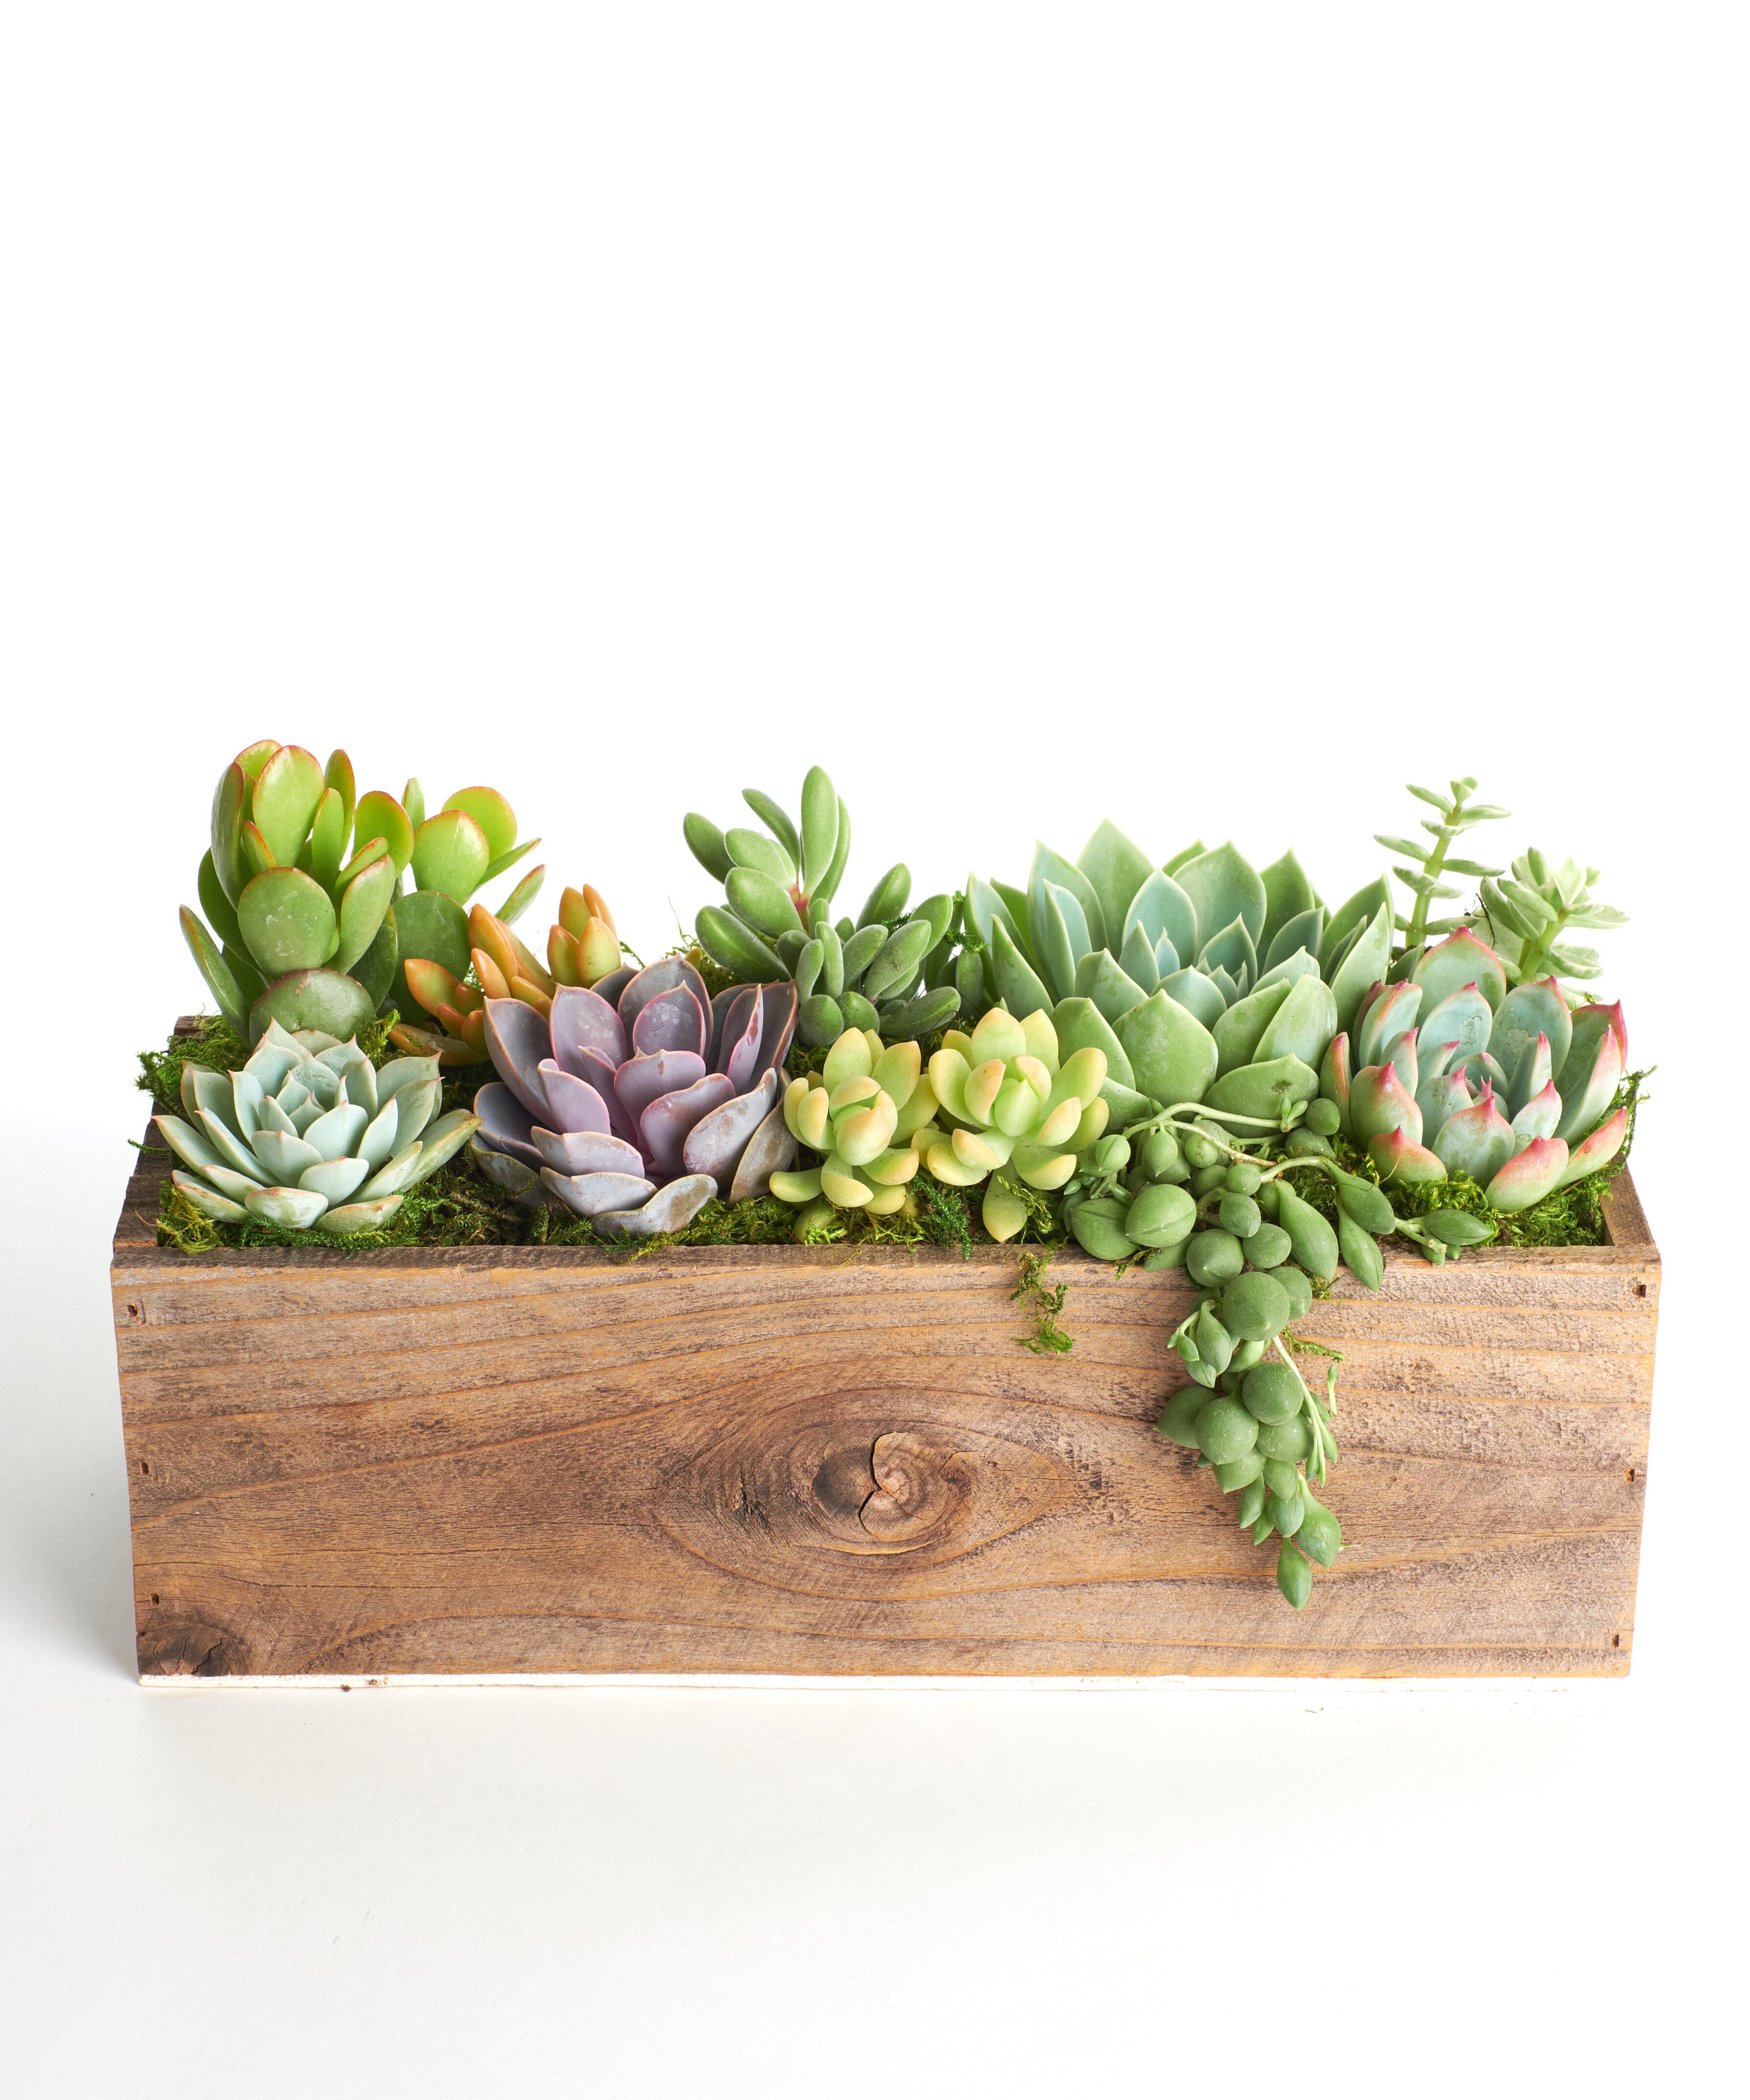 Gracie Oaks Natural Wood Farmhouse Live Succulent Plant In Planter Reviews Wayfair